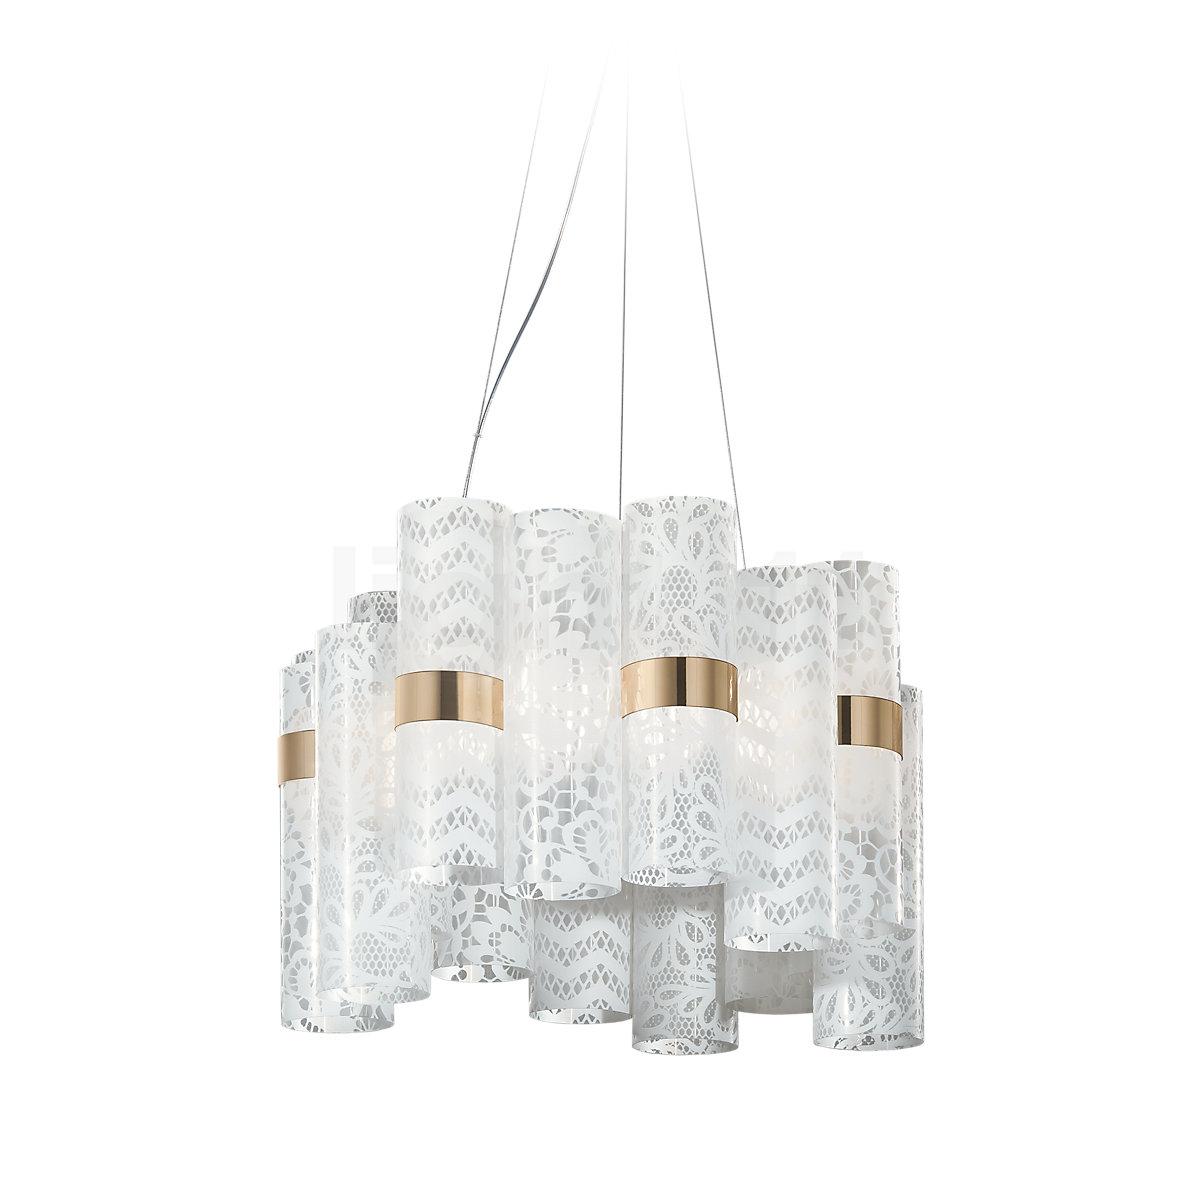 Slamp La Lollo Suspension M LED en vente sur